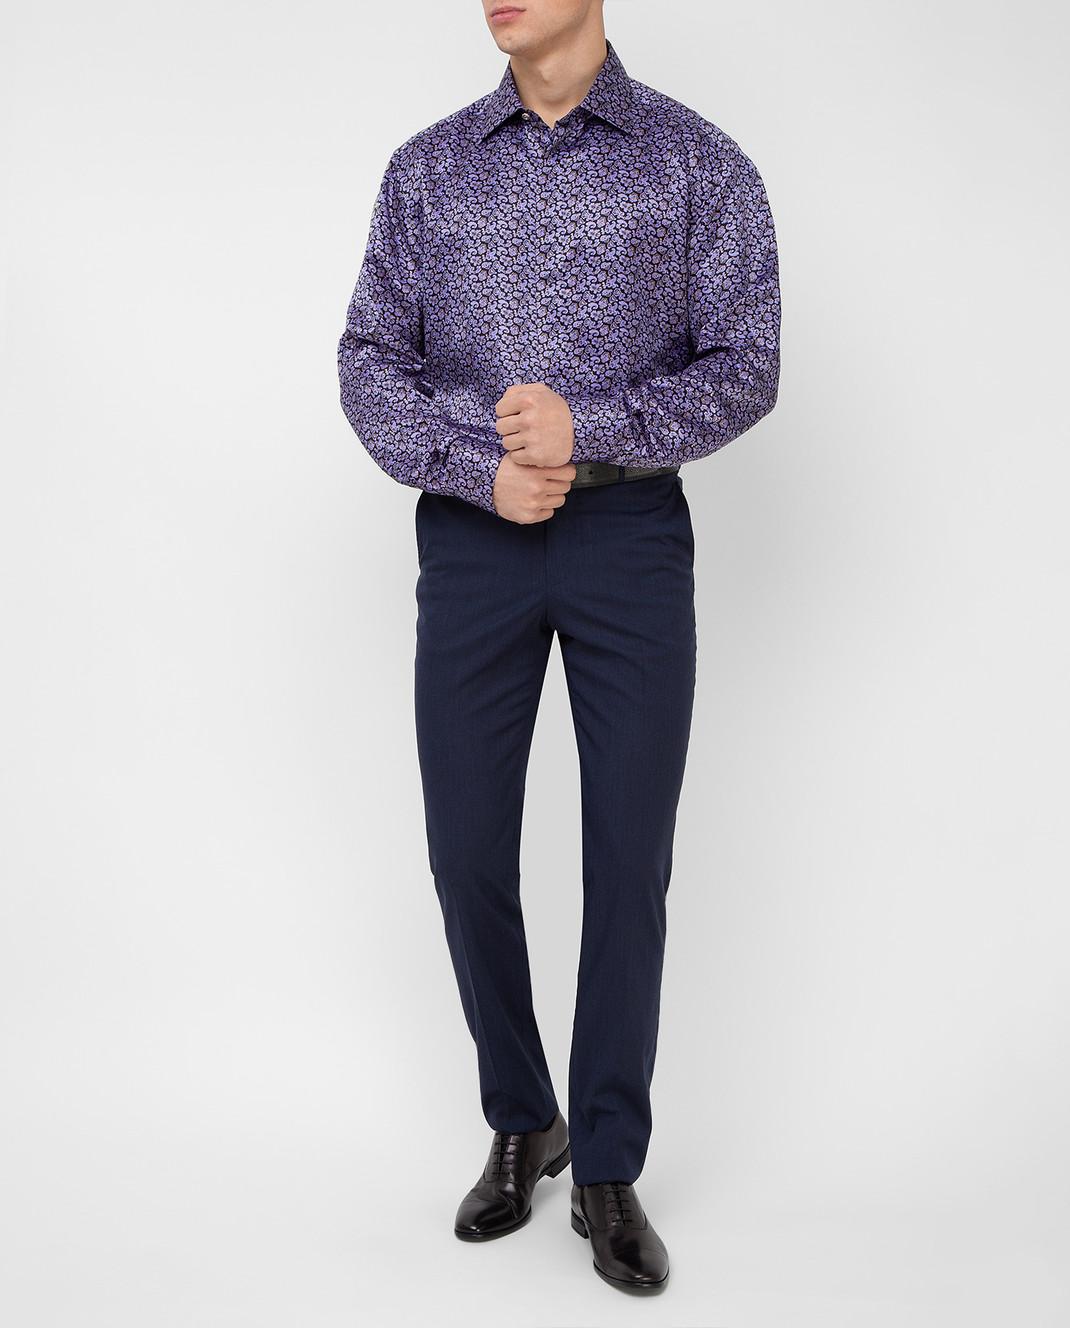 Stefano Ricci Рубашка из шелка SP002053 изображение 2